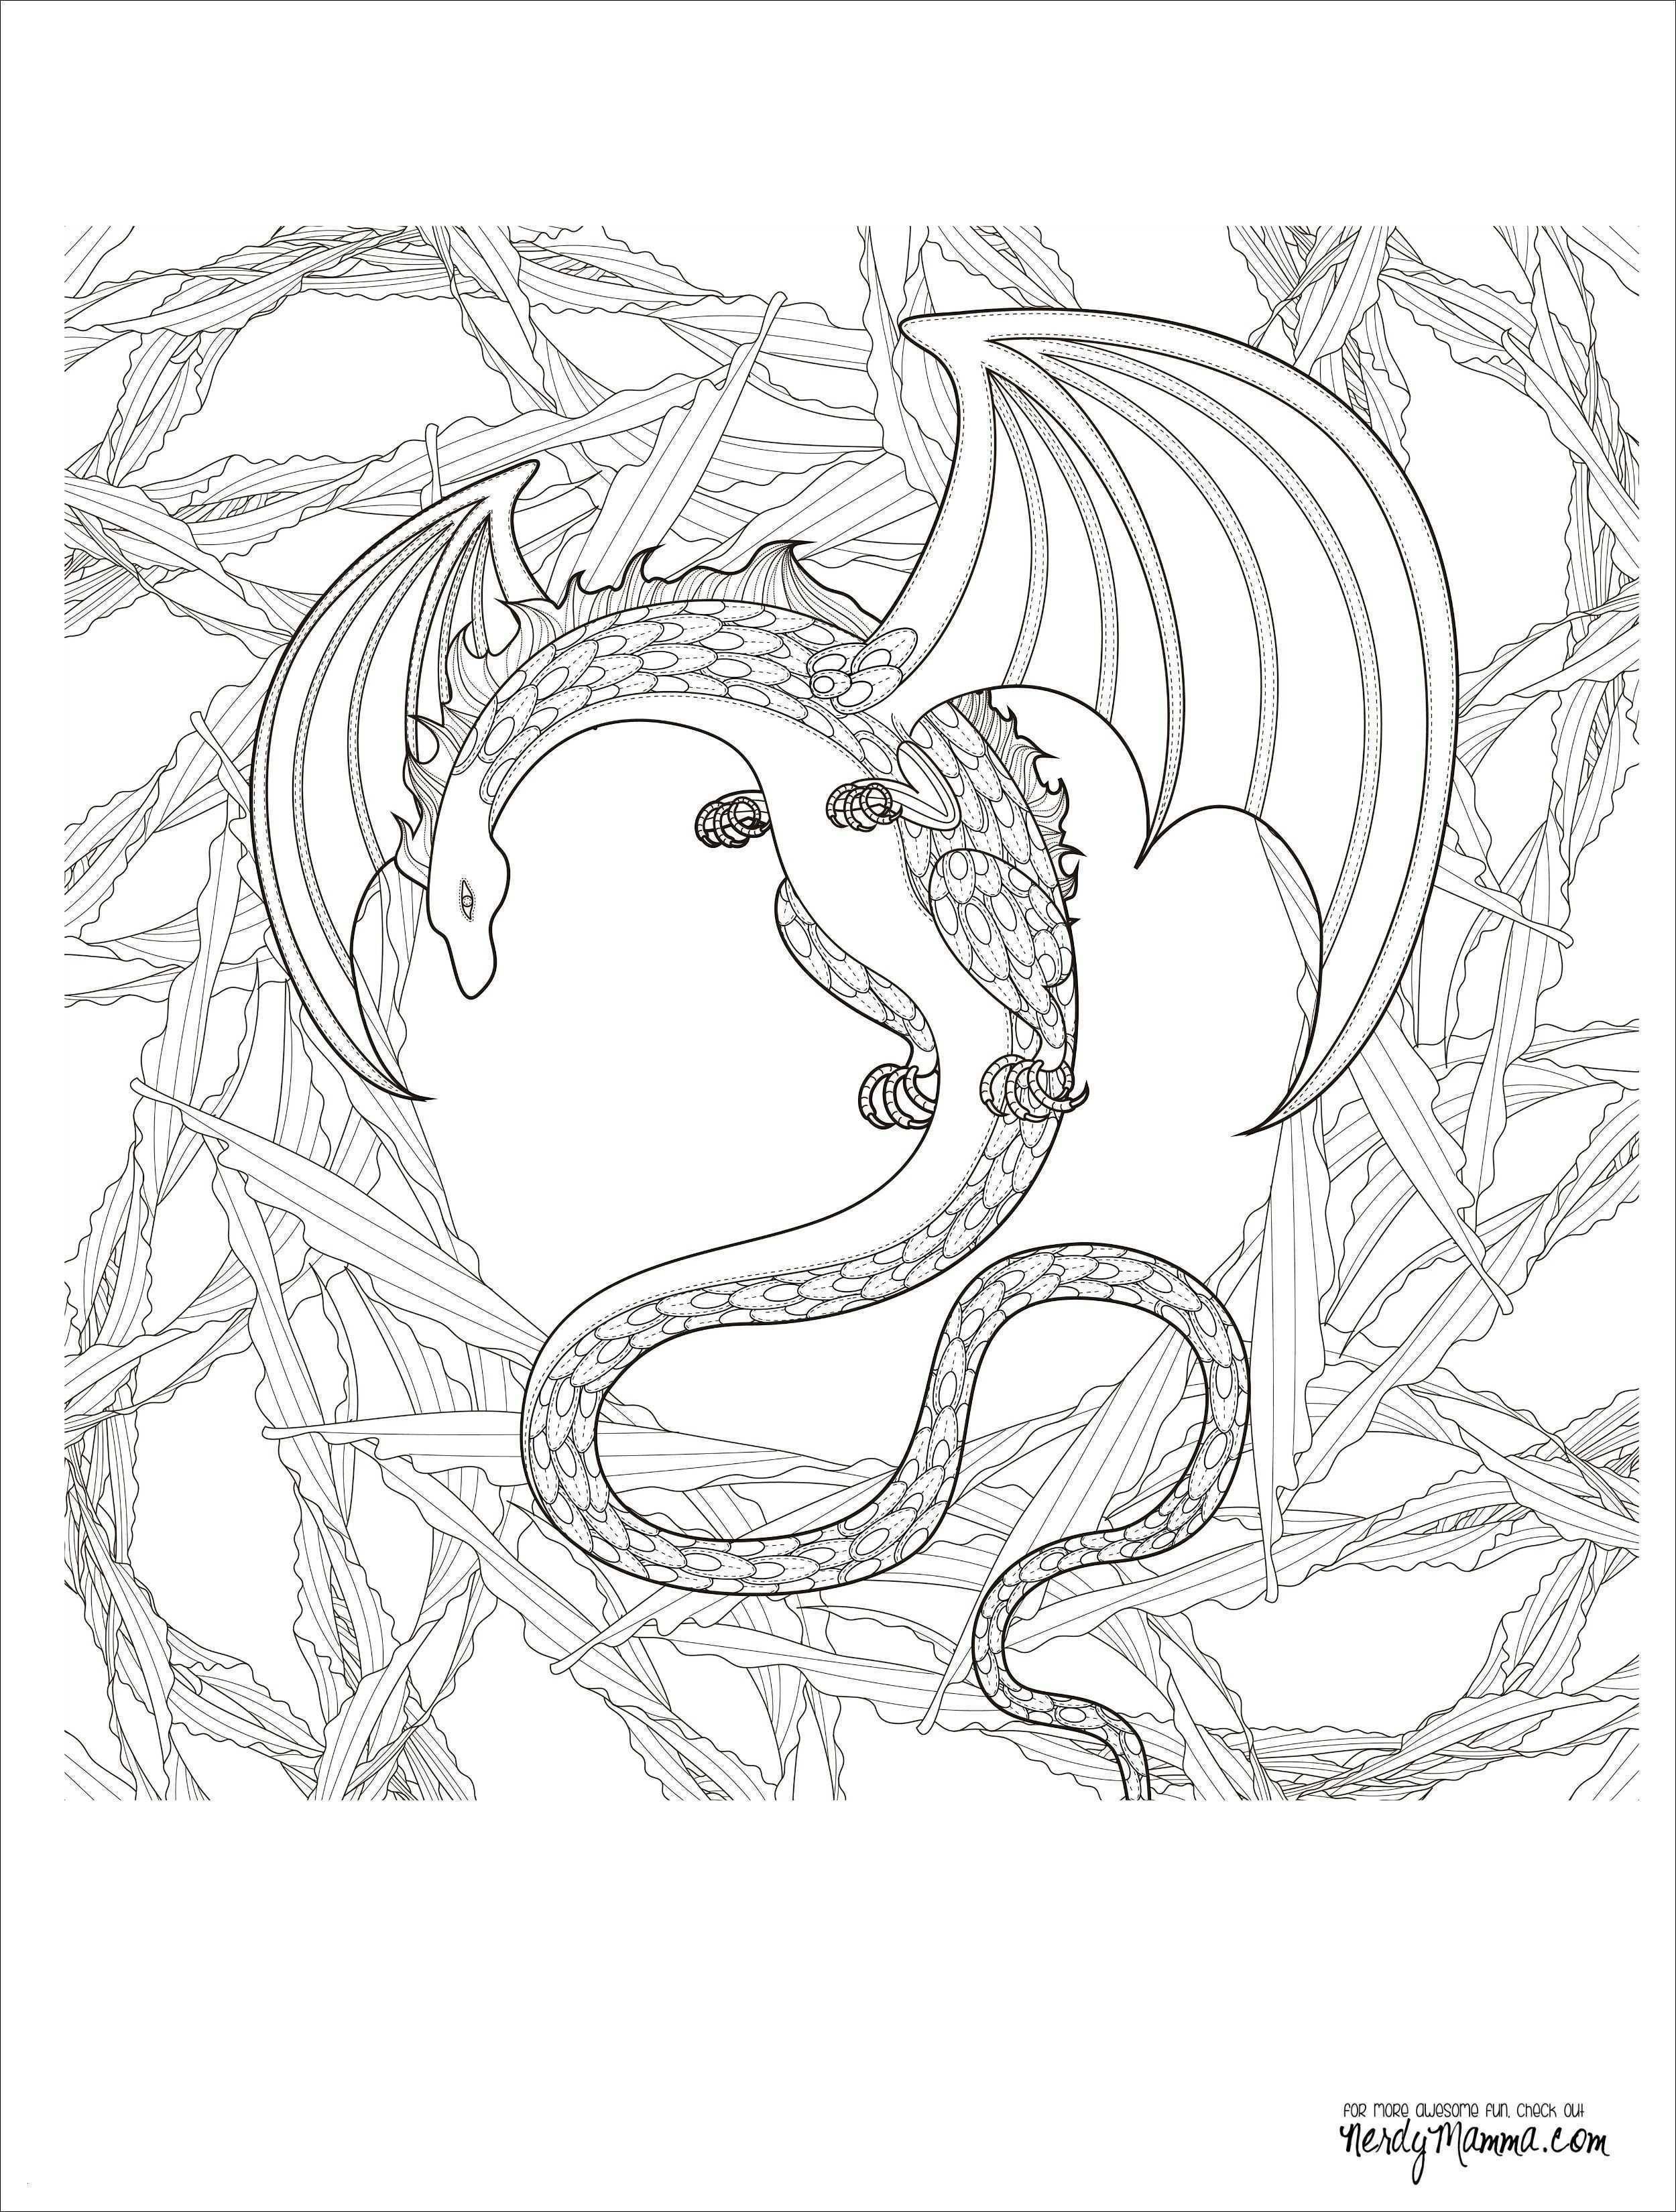 Elefant Zum Ausdrucken Neu Elefant Zeichnen Einfach Bildnis Malvorlagen Igel Frisch Igel Fotos